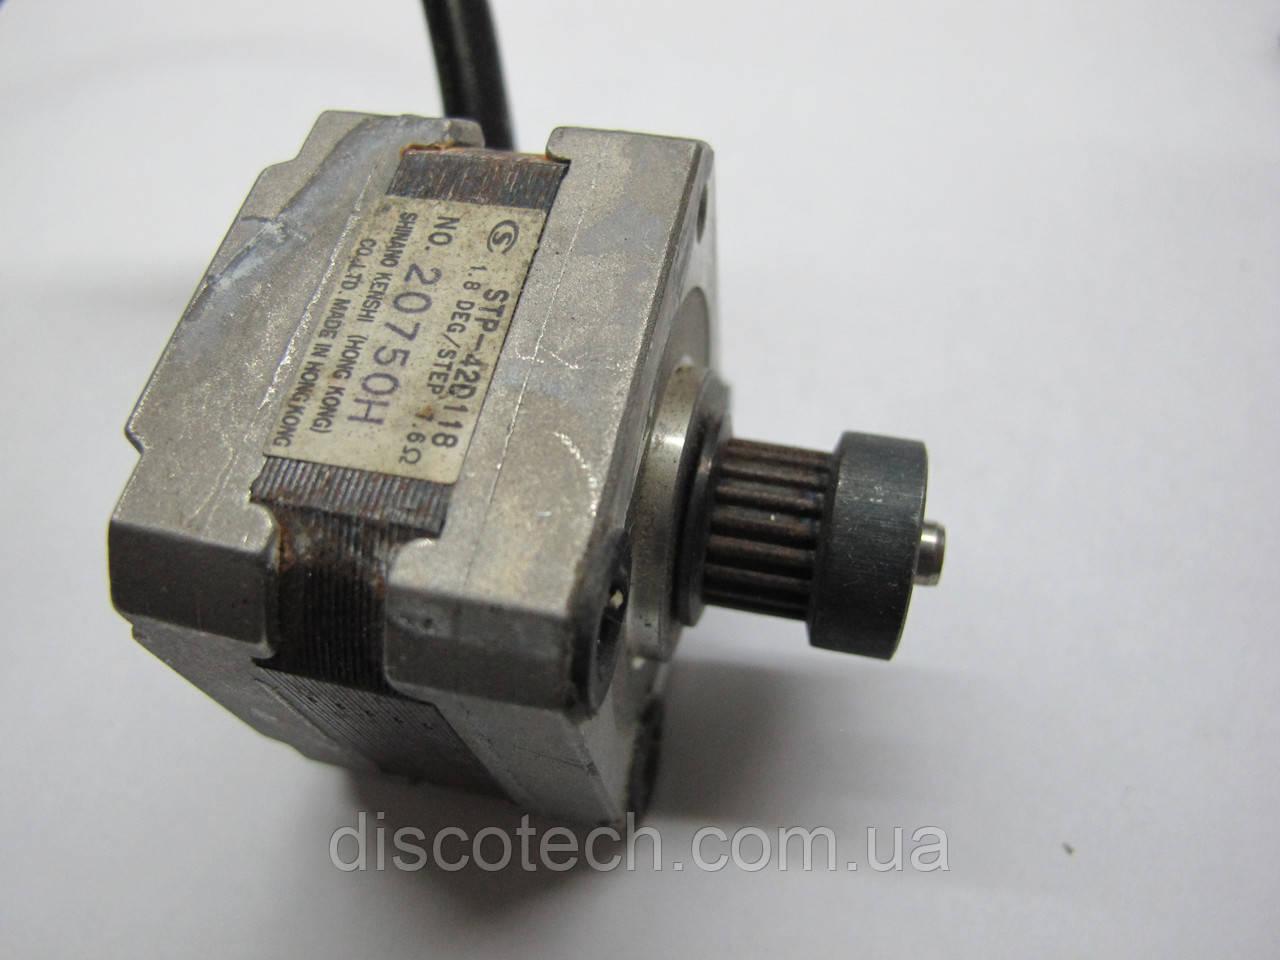 Кроковий двигун уп 1,8 ф5,0/ 7,6 Ом STP-42D118